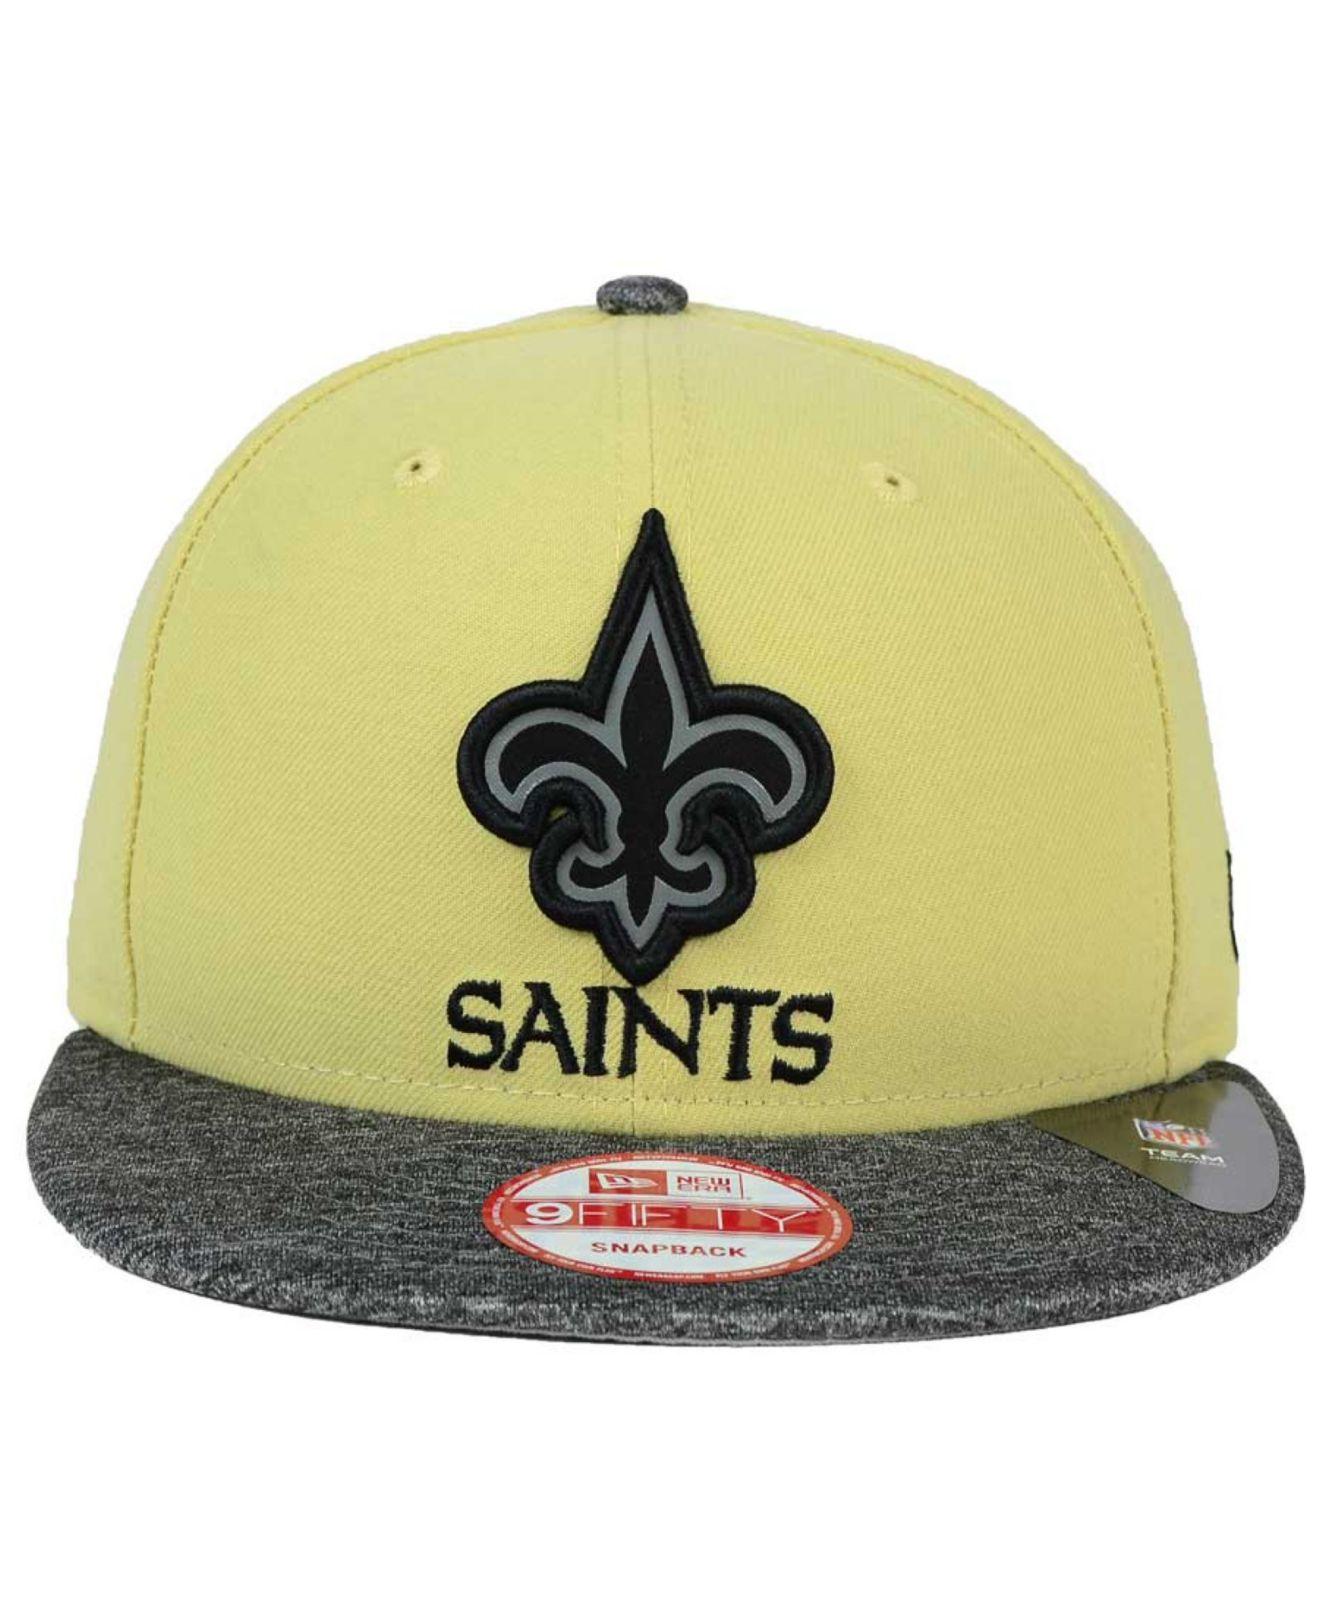 f5aa84bfab9 Lyst - Ktz New Orleans Saints Gridiron Hook 9fifty Snapback Cap in ...